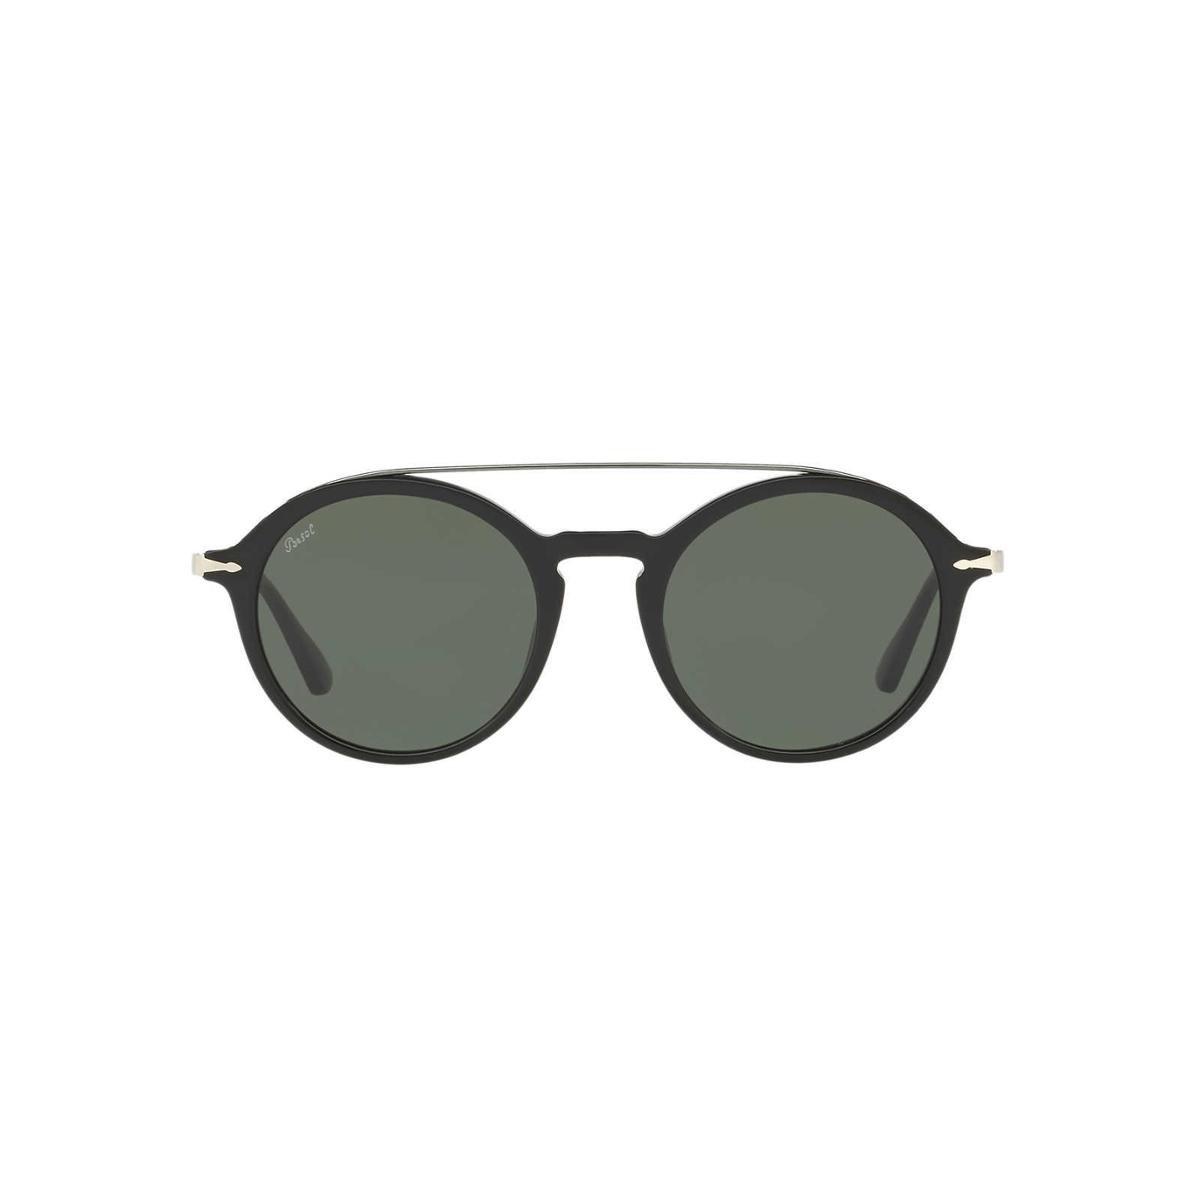 0668139e7 Óculos de Sol Persol Redondo PO3172S Masculino - Compre Agora